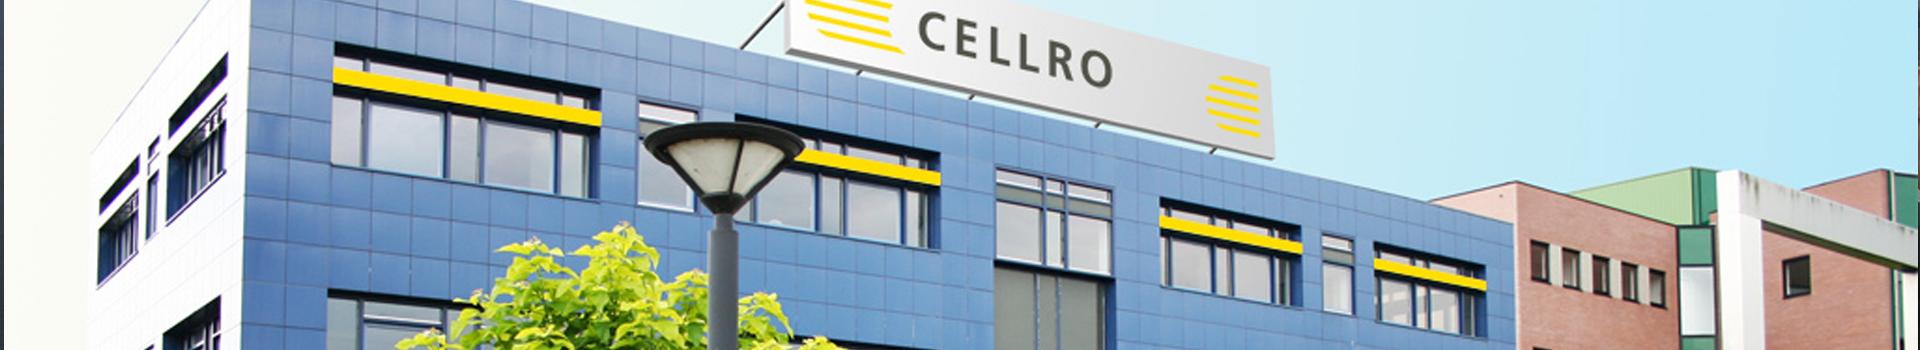 Cellro contact